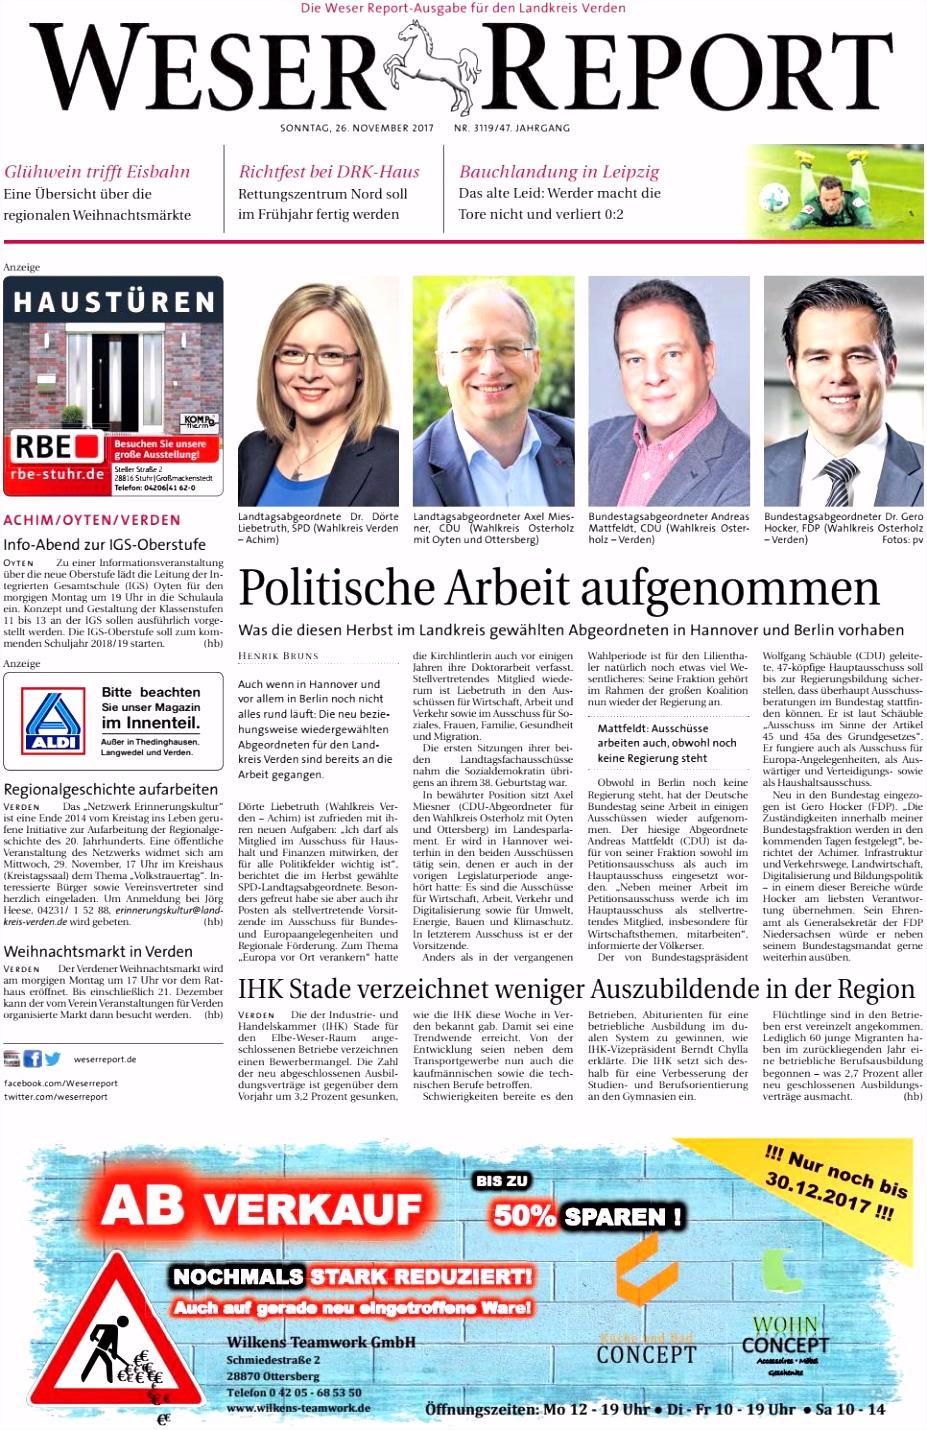 Weser Report Achim Oyten Verden vom 26 11 2017 by KPS